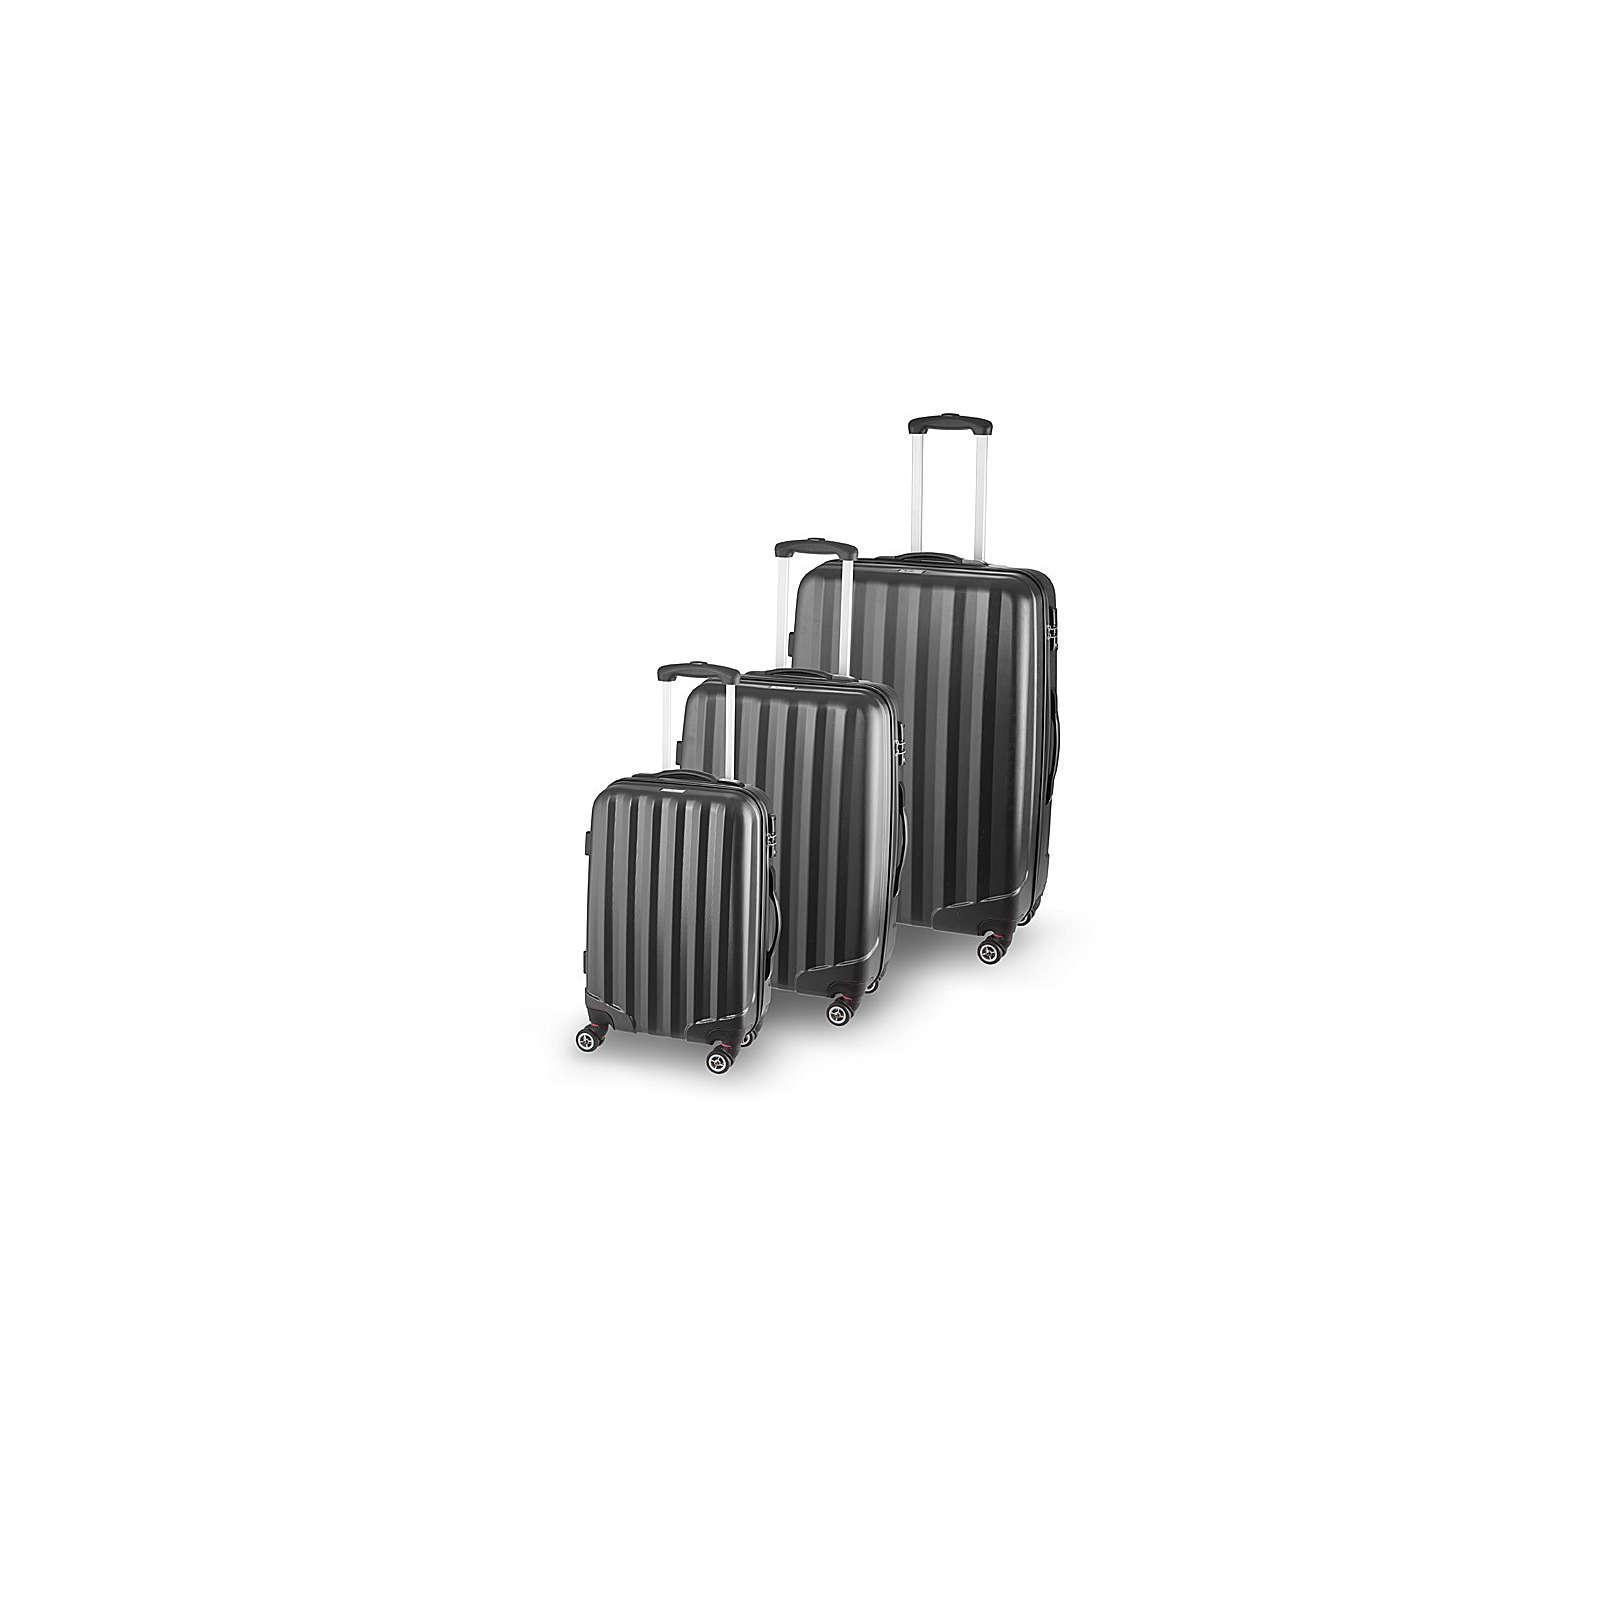 SCHNEIDERS Koffer Set Manhattan Koffer schwarz